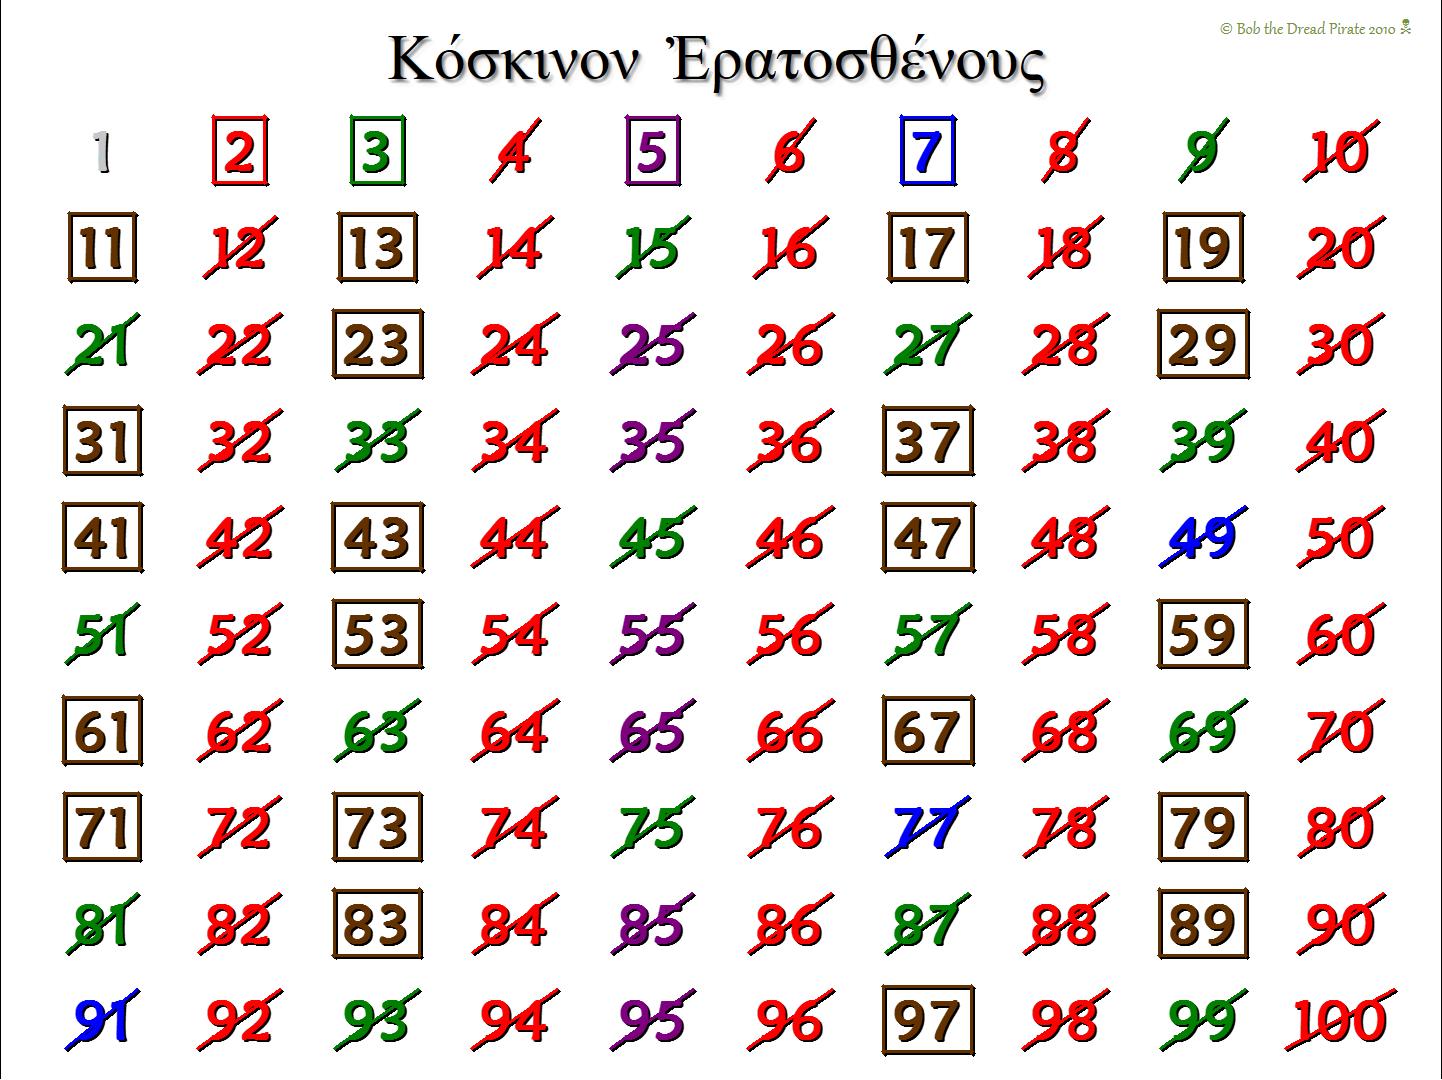 worksheet Sieve Of Eratosthenes Worksheet primes by the sieve of eratosthenes math pinterest eratosthenes